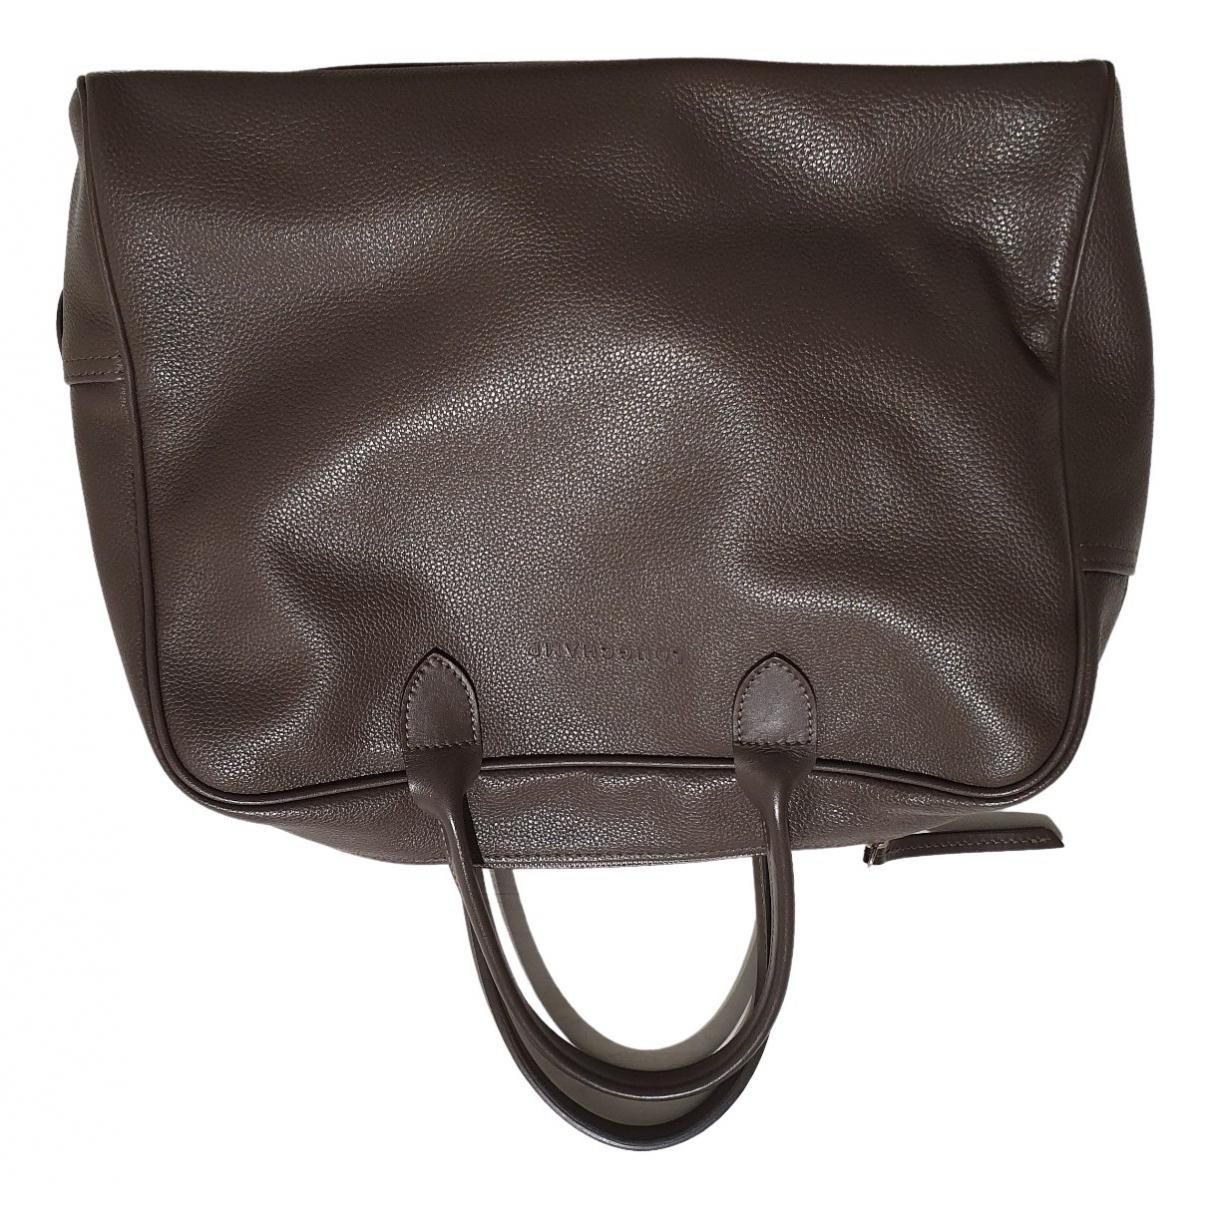 Longchamp \N Leather handbag for Women \N